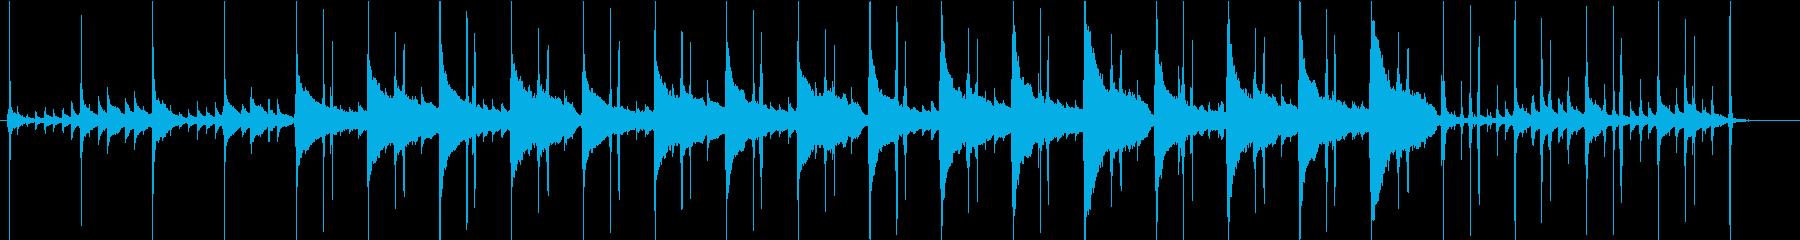 アンビエントミュージック エキゾチ...の再生済みの波形